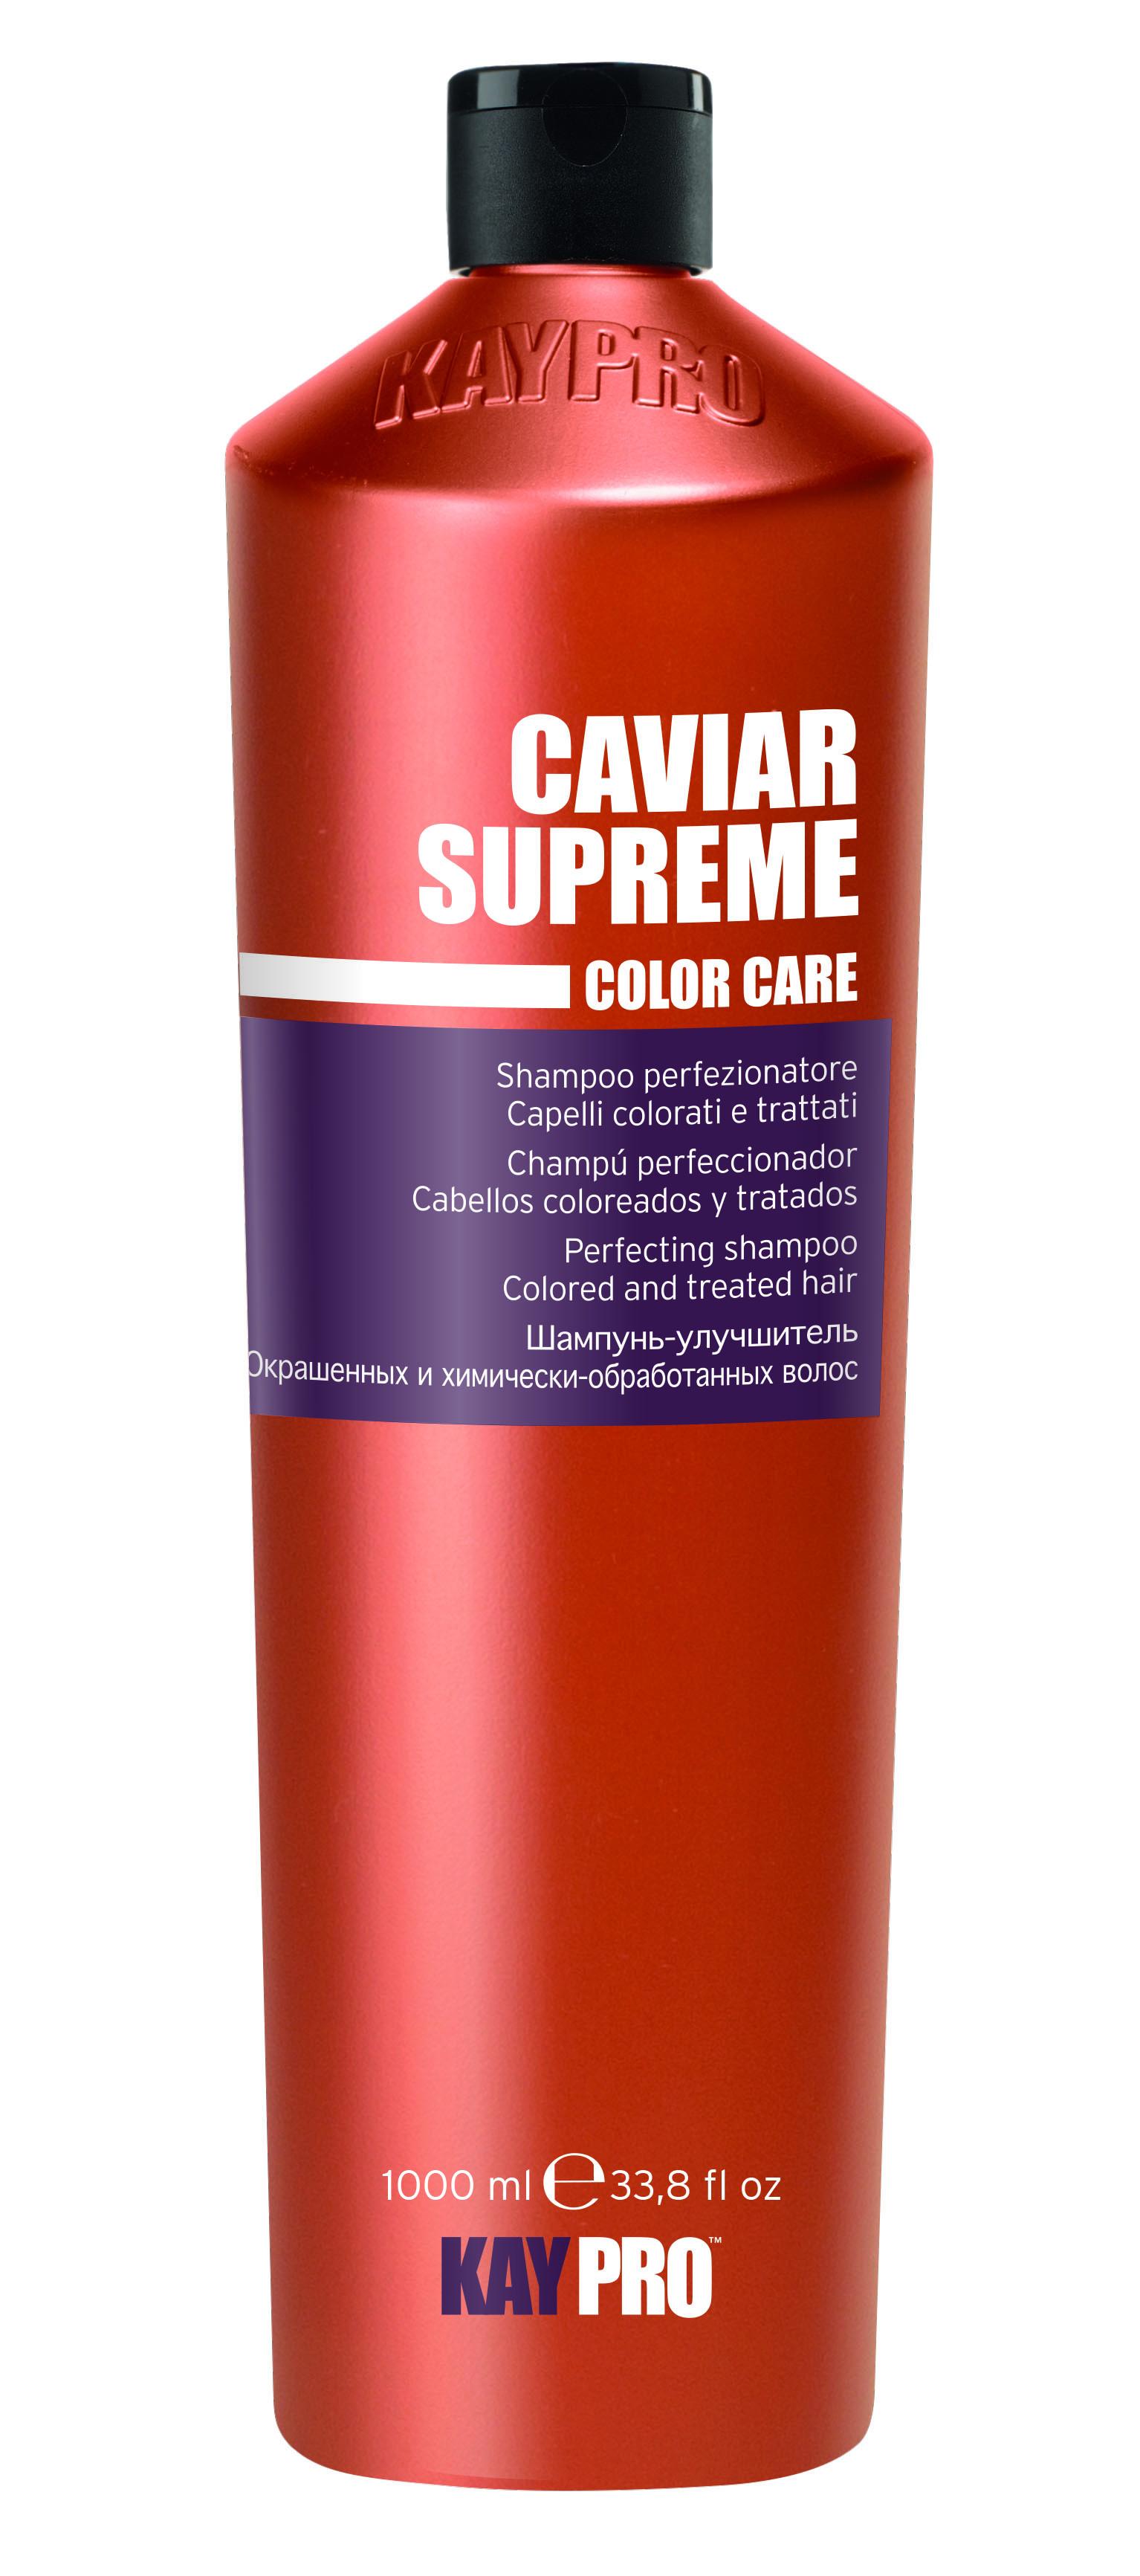 KAYPRO Шампунь с икрой для улучшения окрашенных и химически обработанных волос / KAYPRO 1000мл